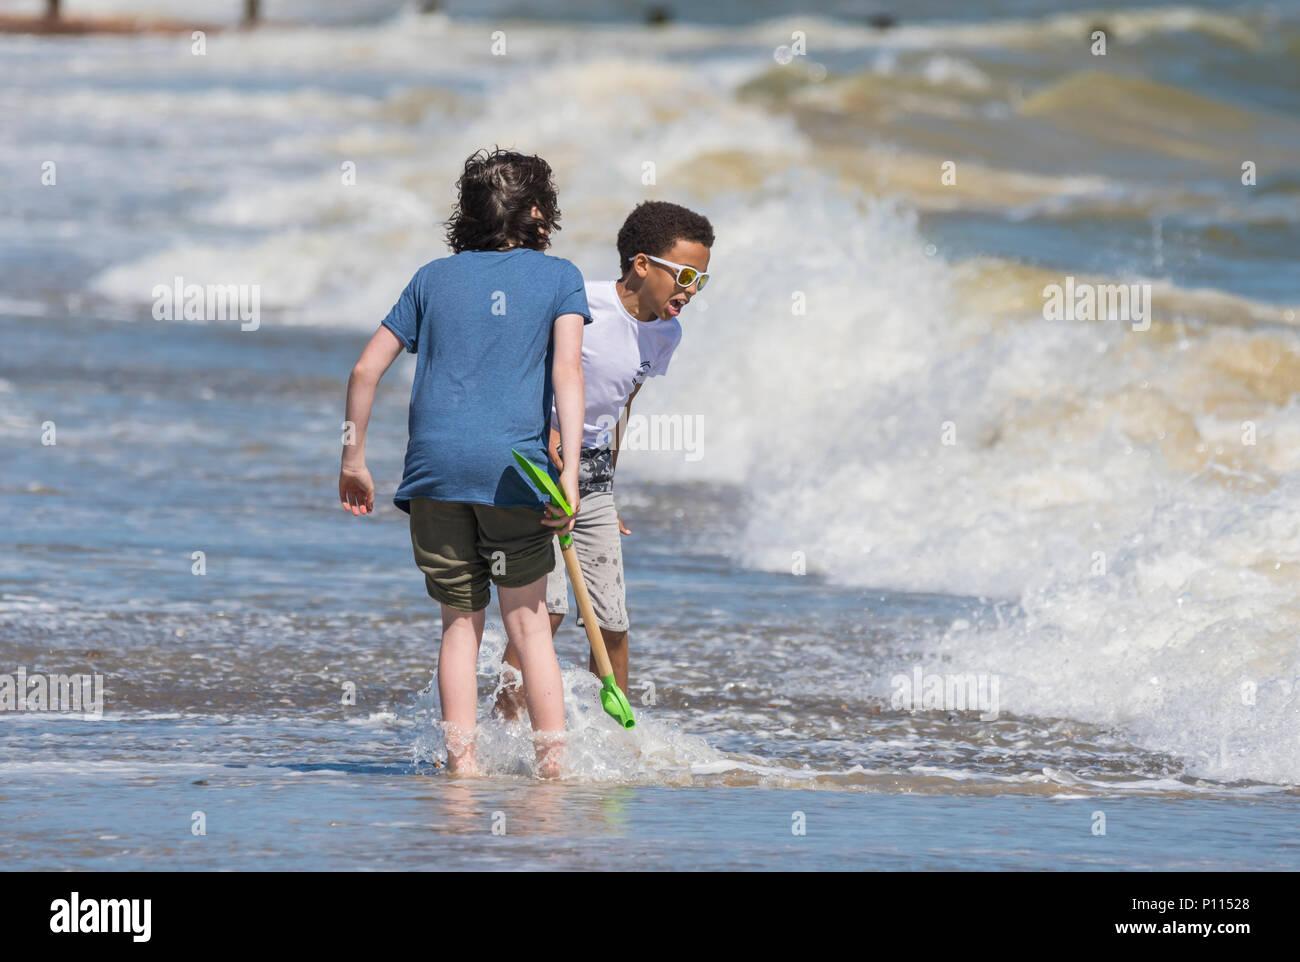 Paire de jeunes garçons sur une plage au bord de la mer à jouer comme les vagues se trouvent à proximité en Angleterre, Royaume-Uni. Les garçons regardent pour être de différentes origines. Banque D'Images